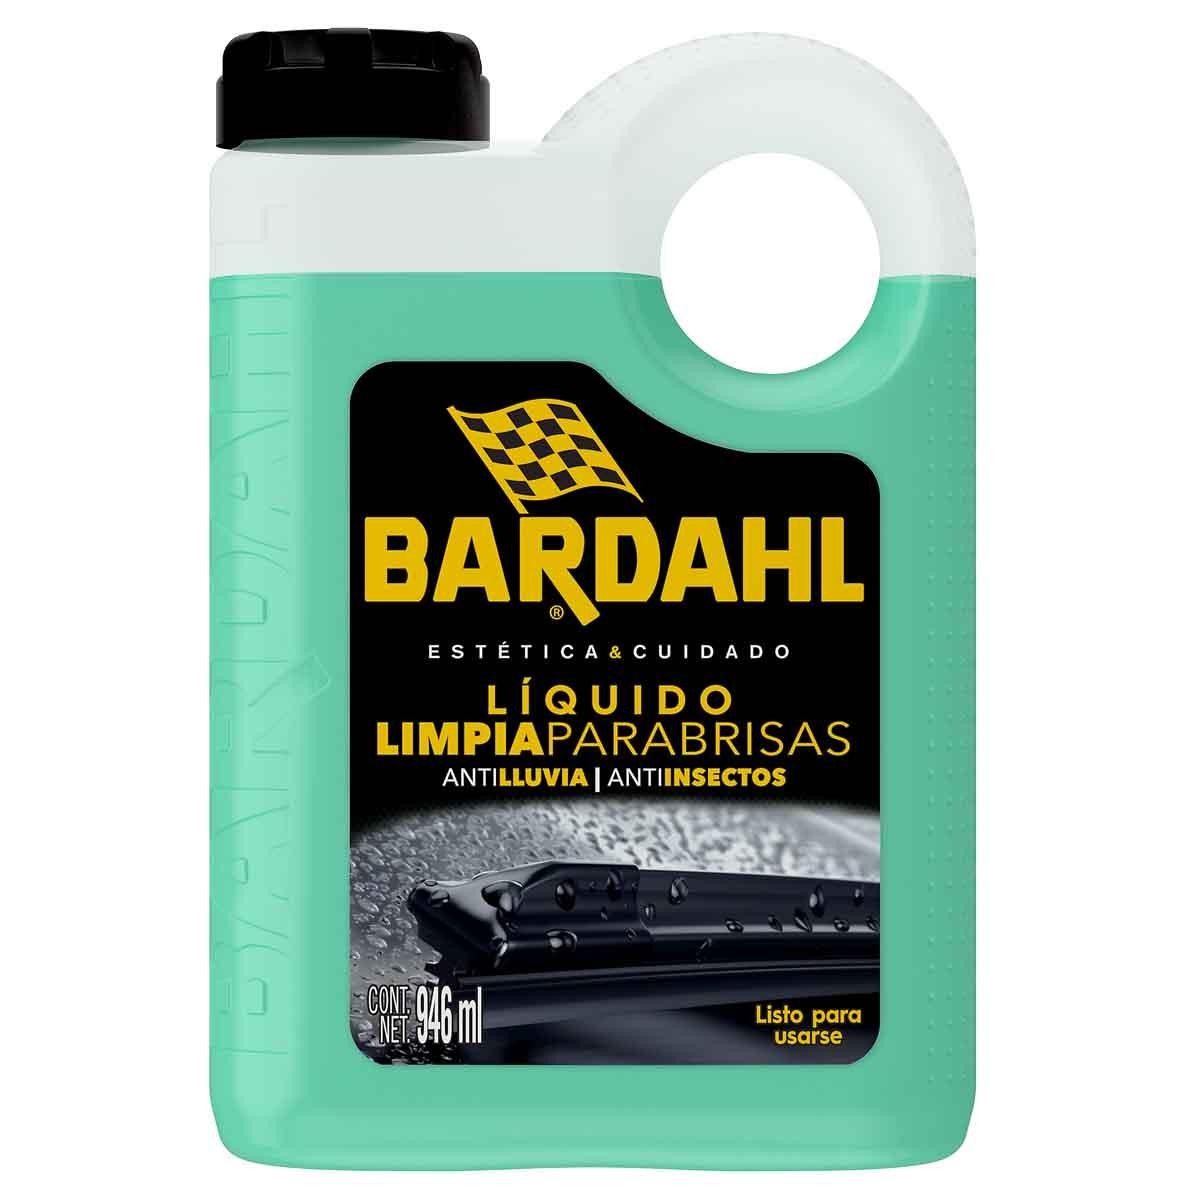 Liquido Limpiaparabrisas Todo Vehiculo Y Hogar Bardahl 1 L